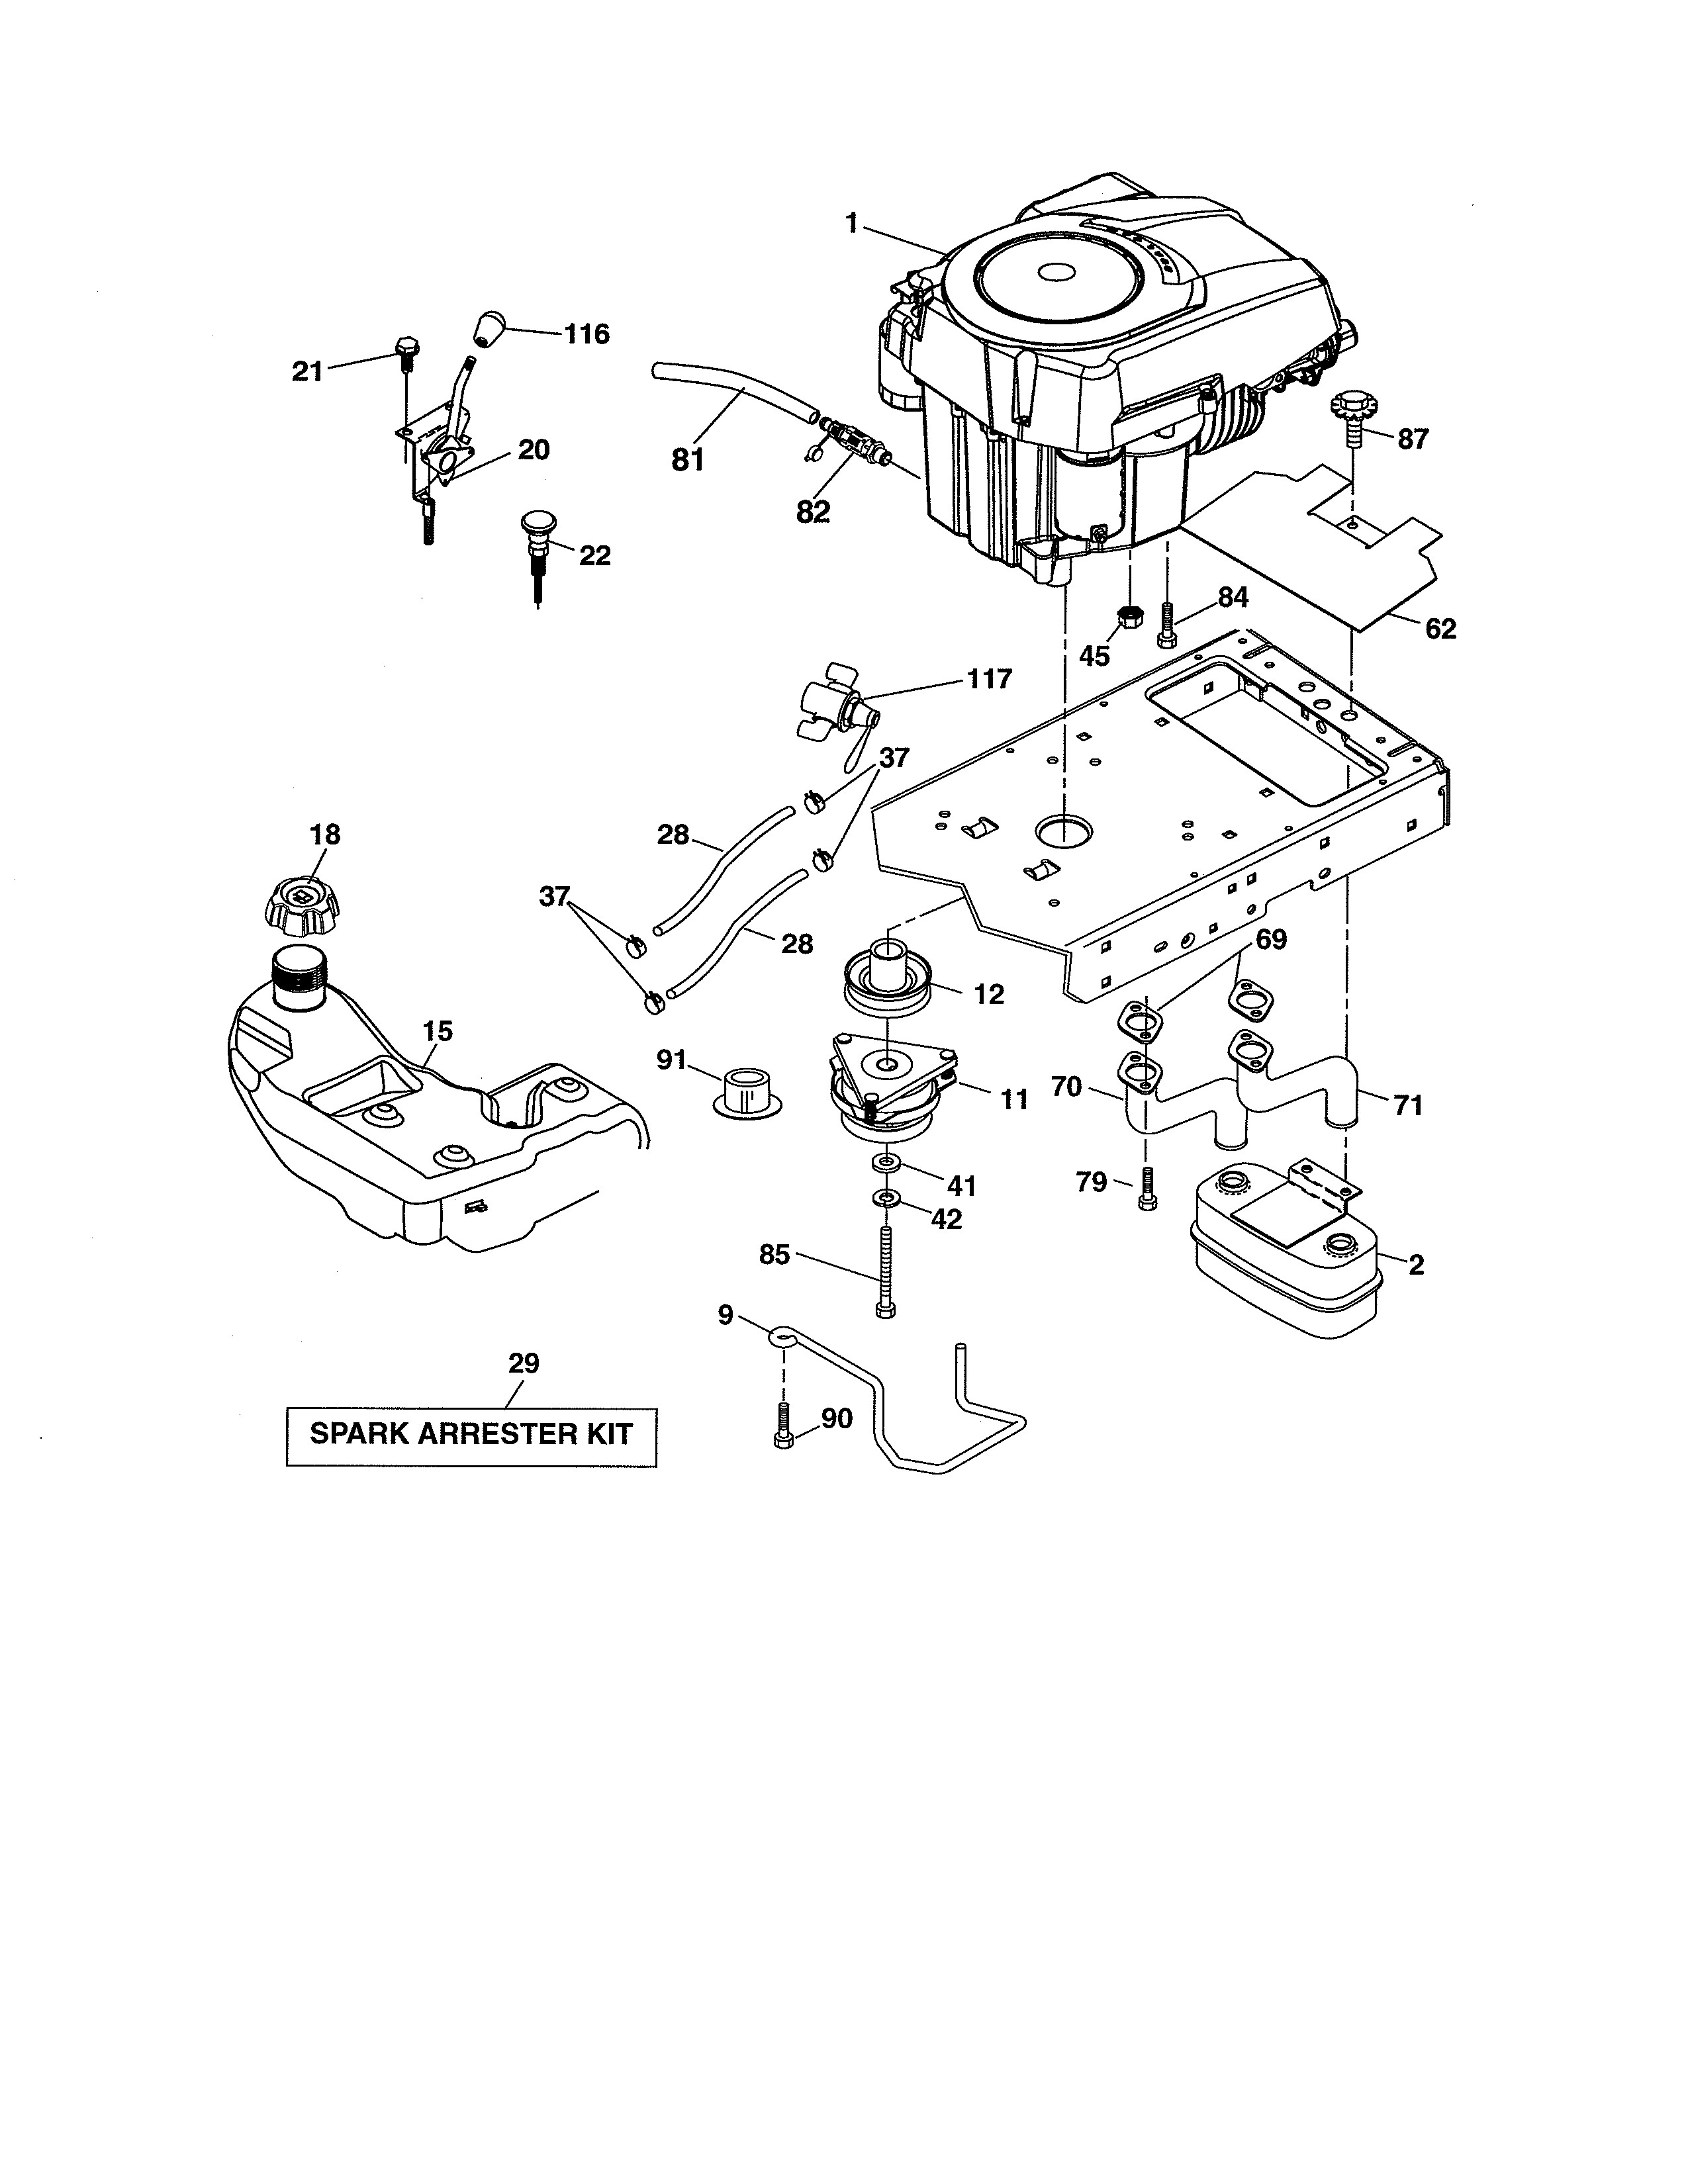 Craftsman Gt 5000 Parts Diagram Craftsman Model Lawn Tractor Genuine Parts Of Craftsman Gt 5000 Parts Diagram